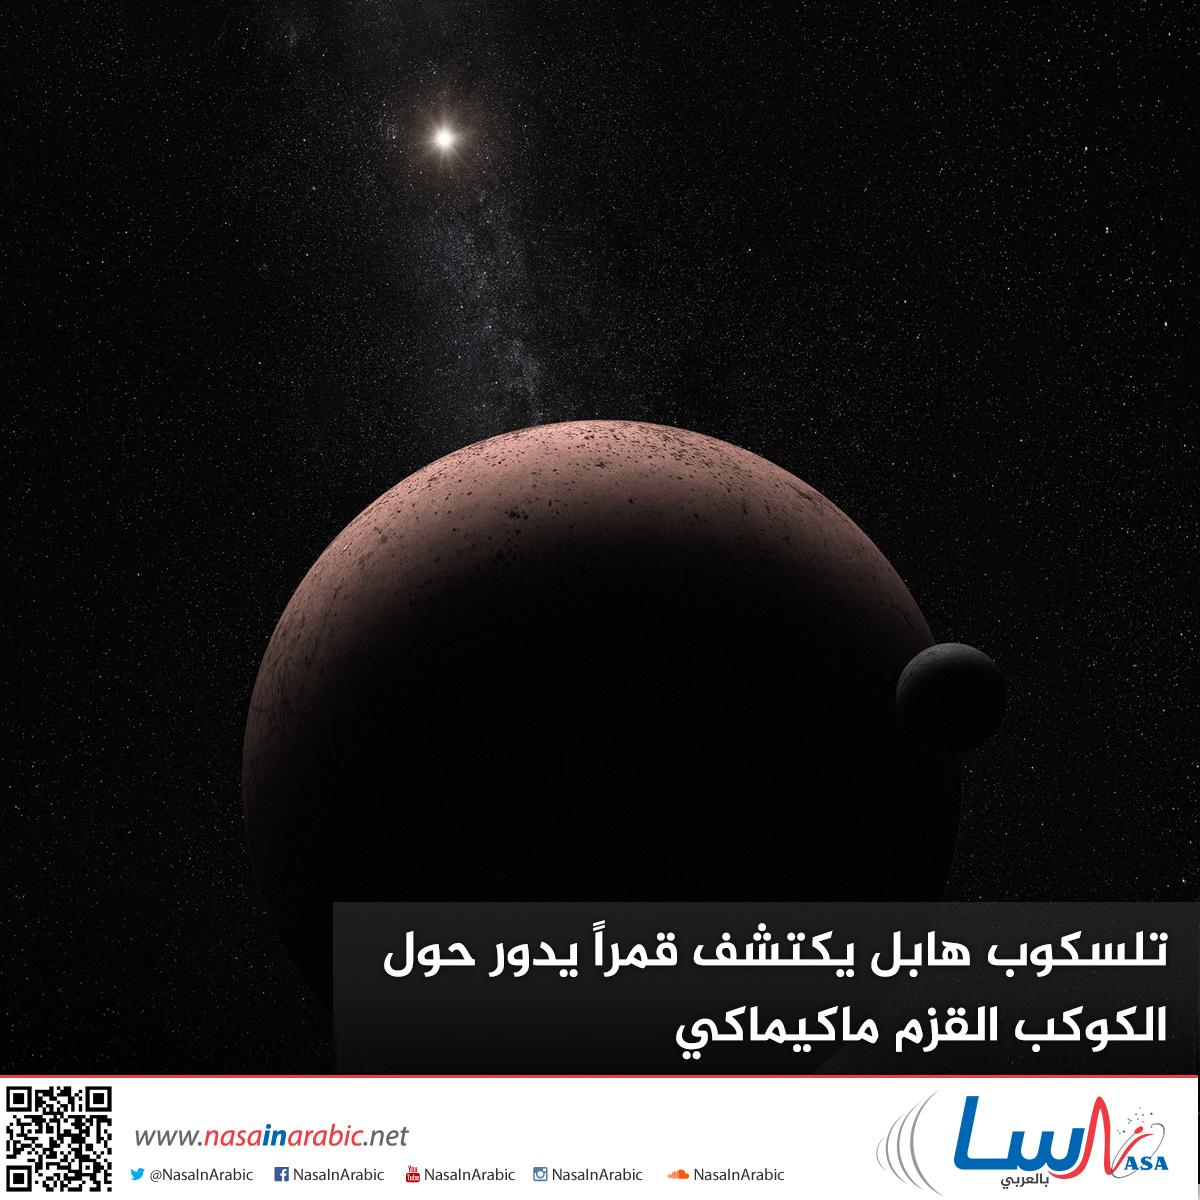 تلسكوب هابل يكتشف قمراً يدور حول الكوكب القزم ماكيماكي